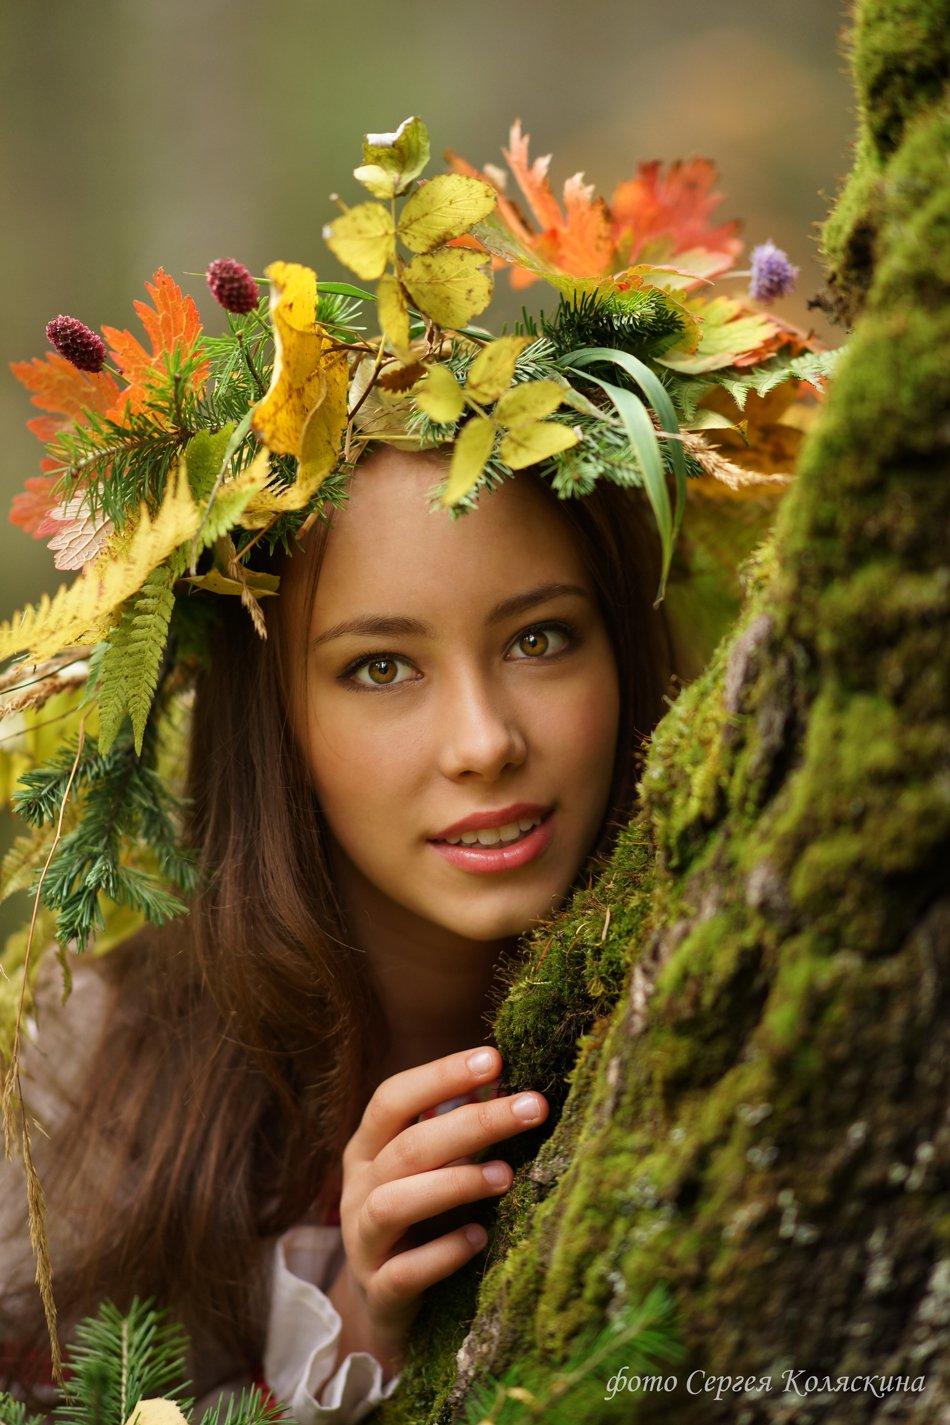 Портрет, девочка, девушка, женщина, осень, листья, лес, Сергей Коляскин, Сергей Коляскин